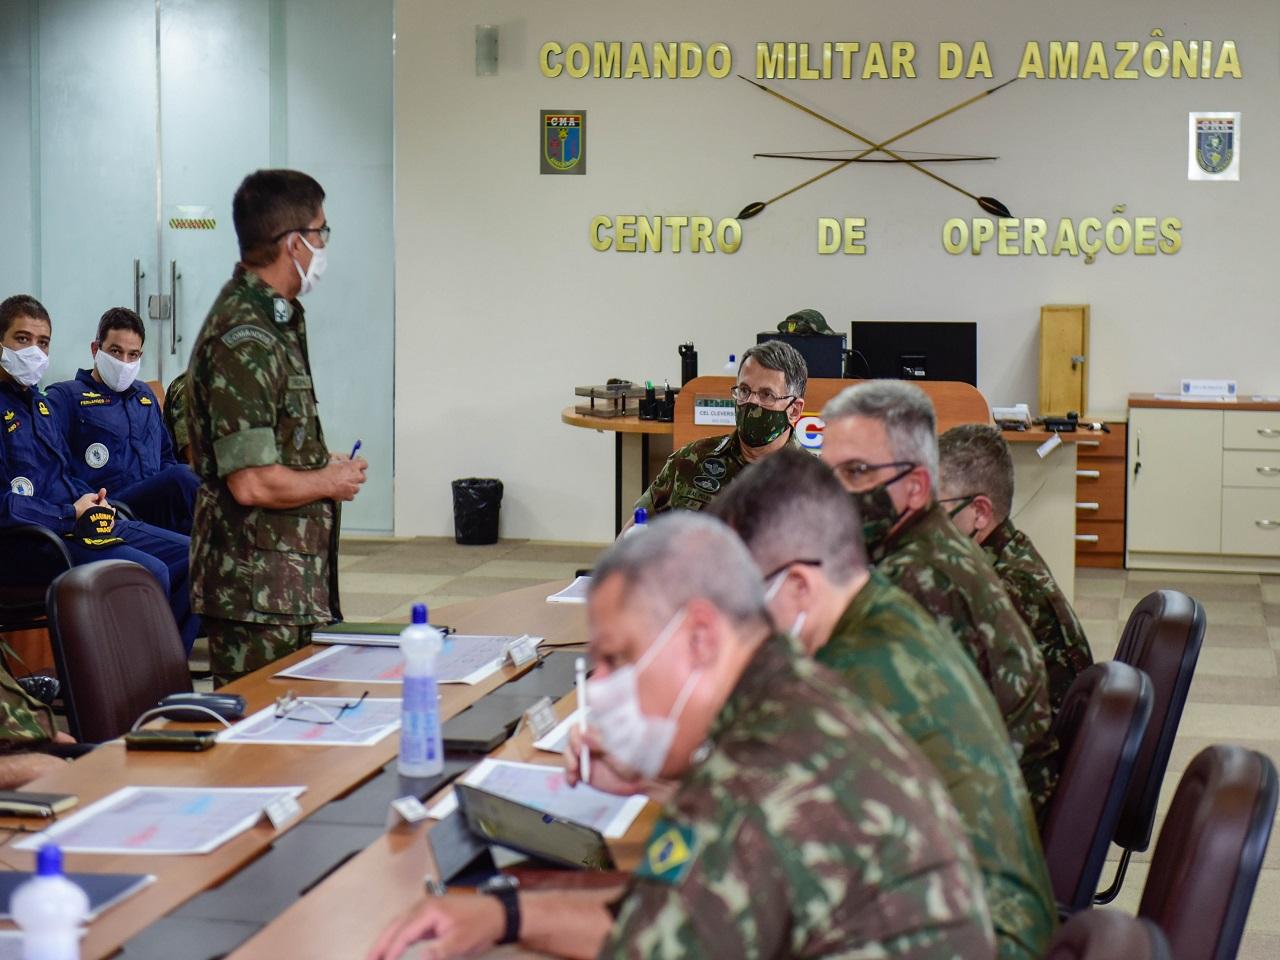 Comandante do Exército verifica ações do Comando Militar da Amazônia nas operações Verde Brasil 2 e COVID-19